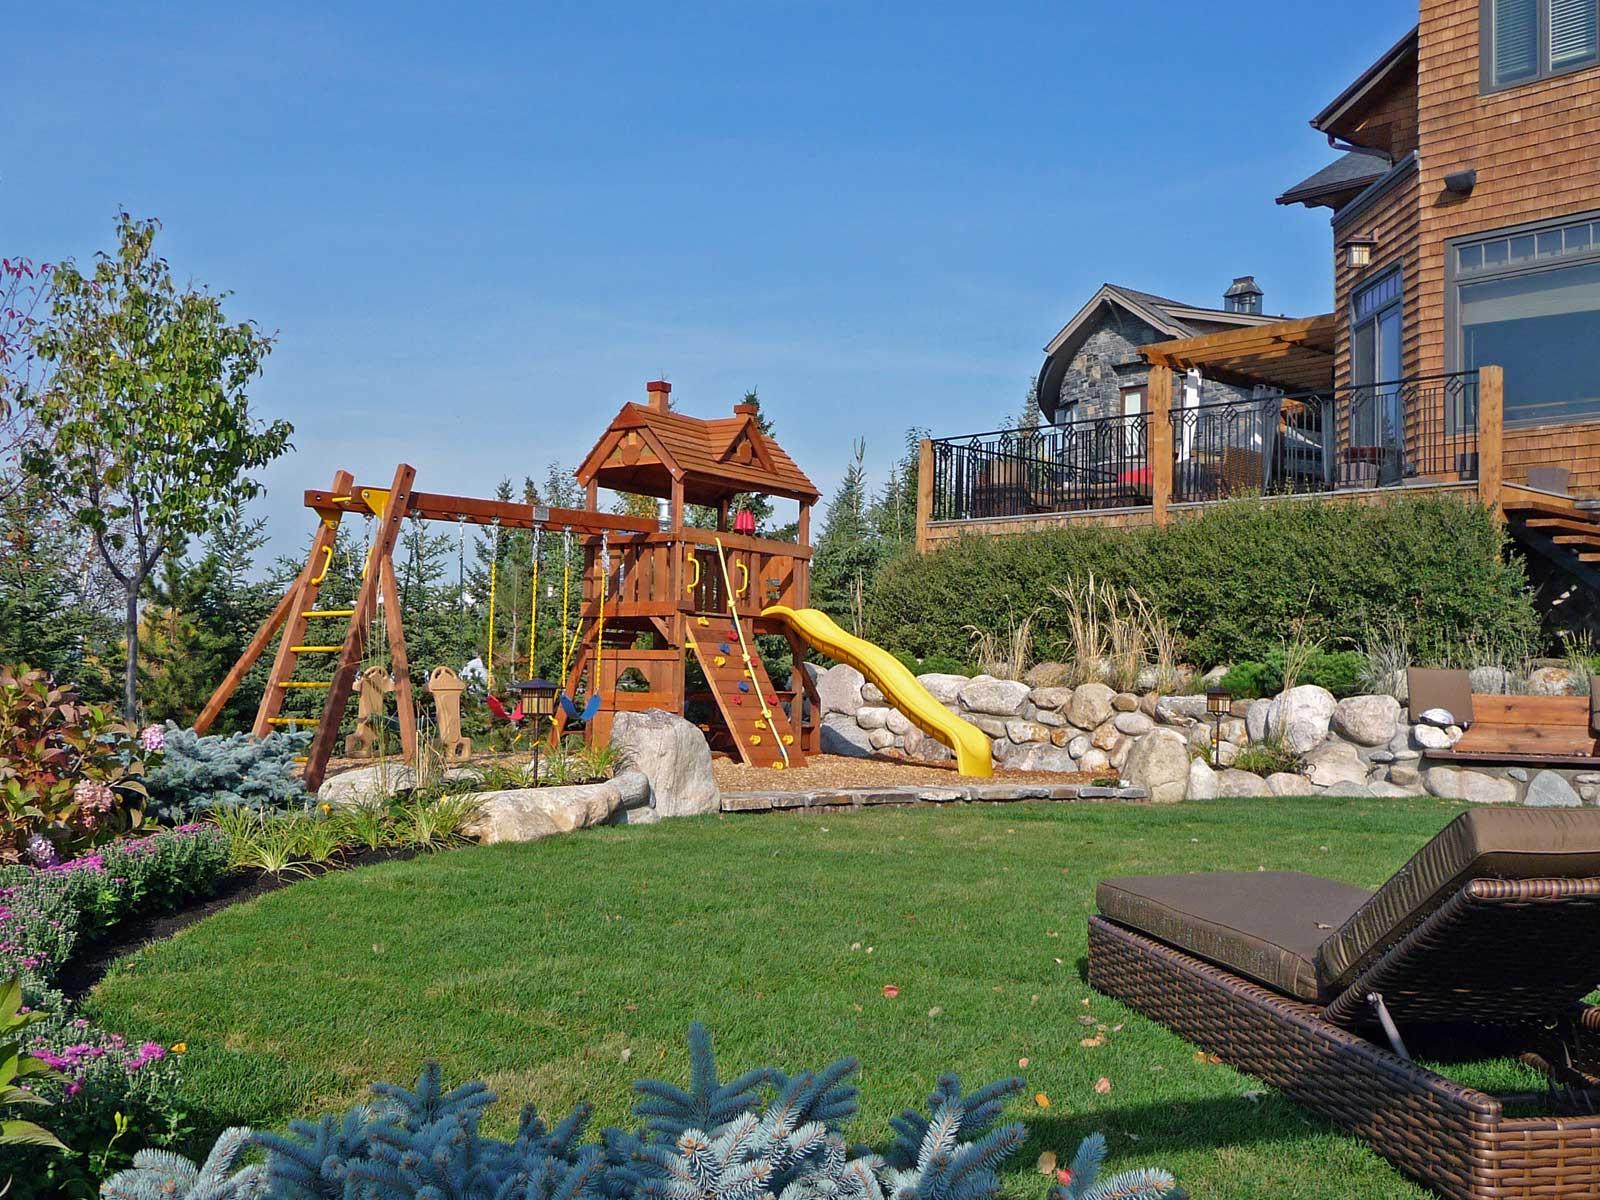 playground structure and garden